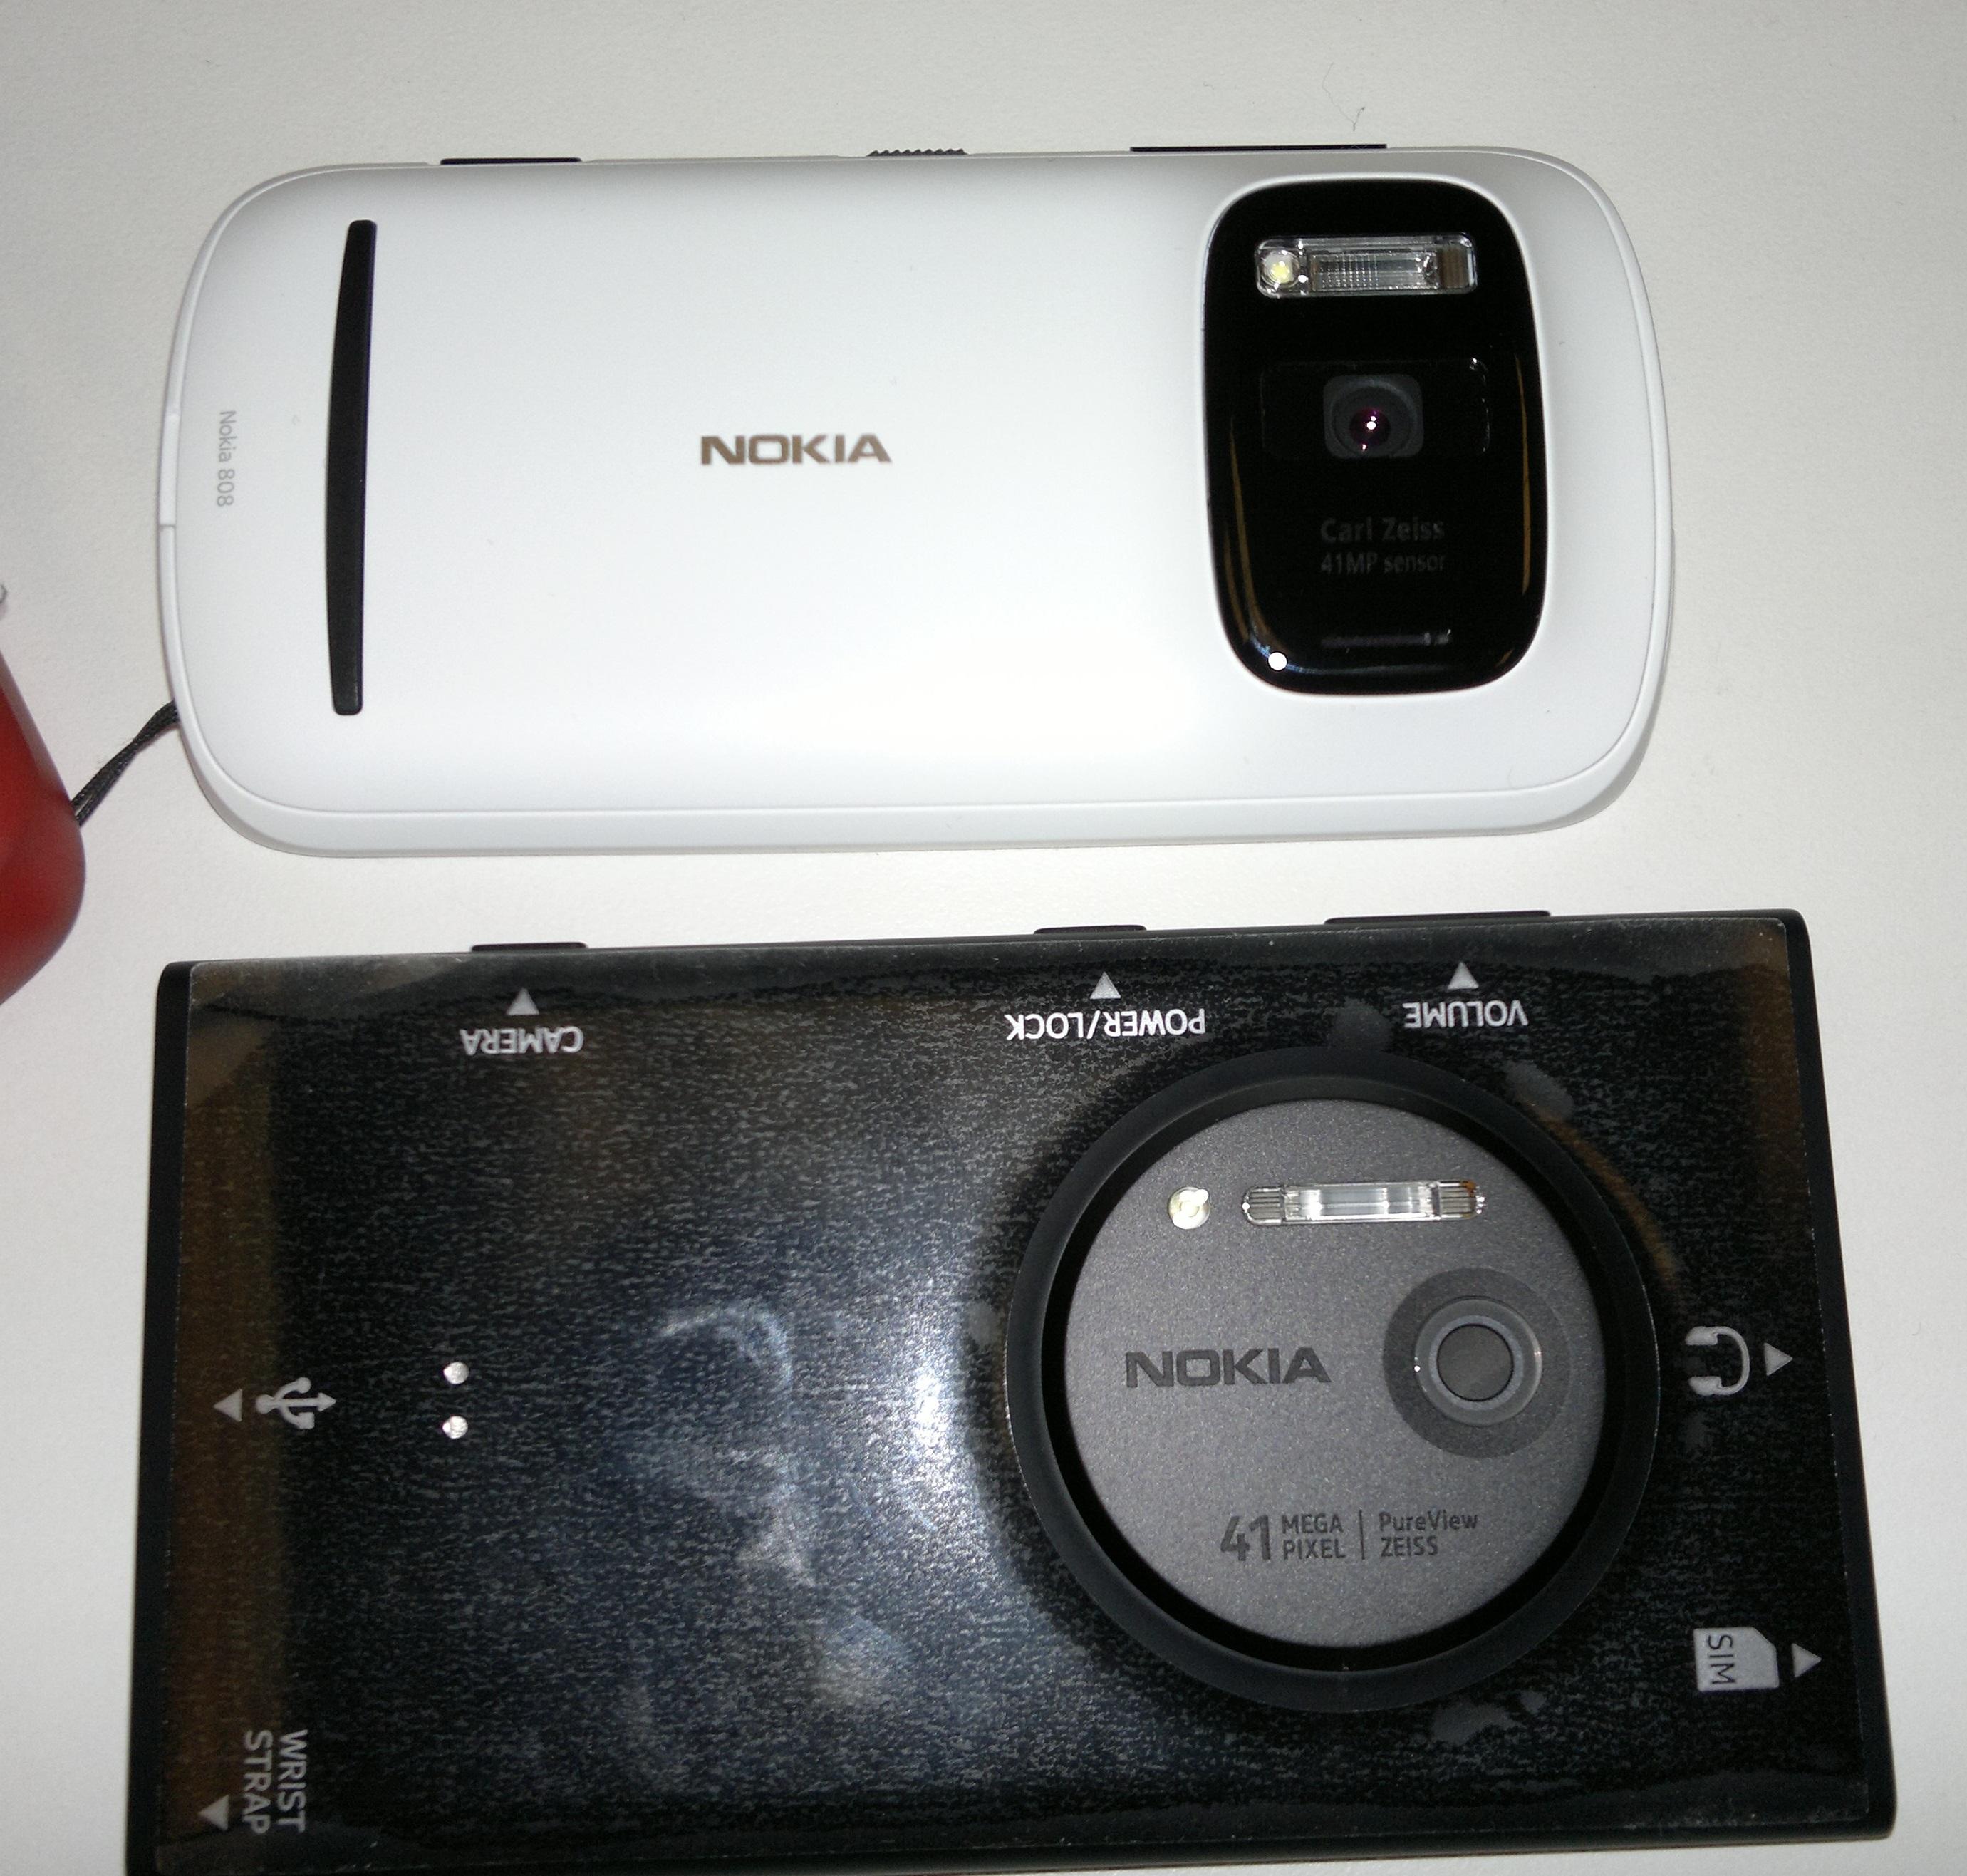 Nokia 808 Pureview vs Nokia Lumia 1020 Nokia Lumia 1020 vs